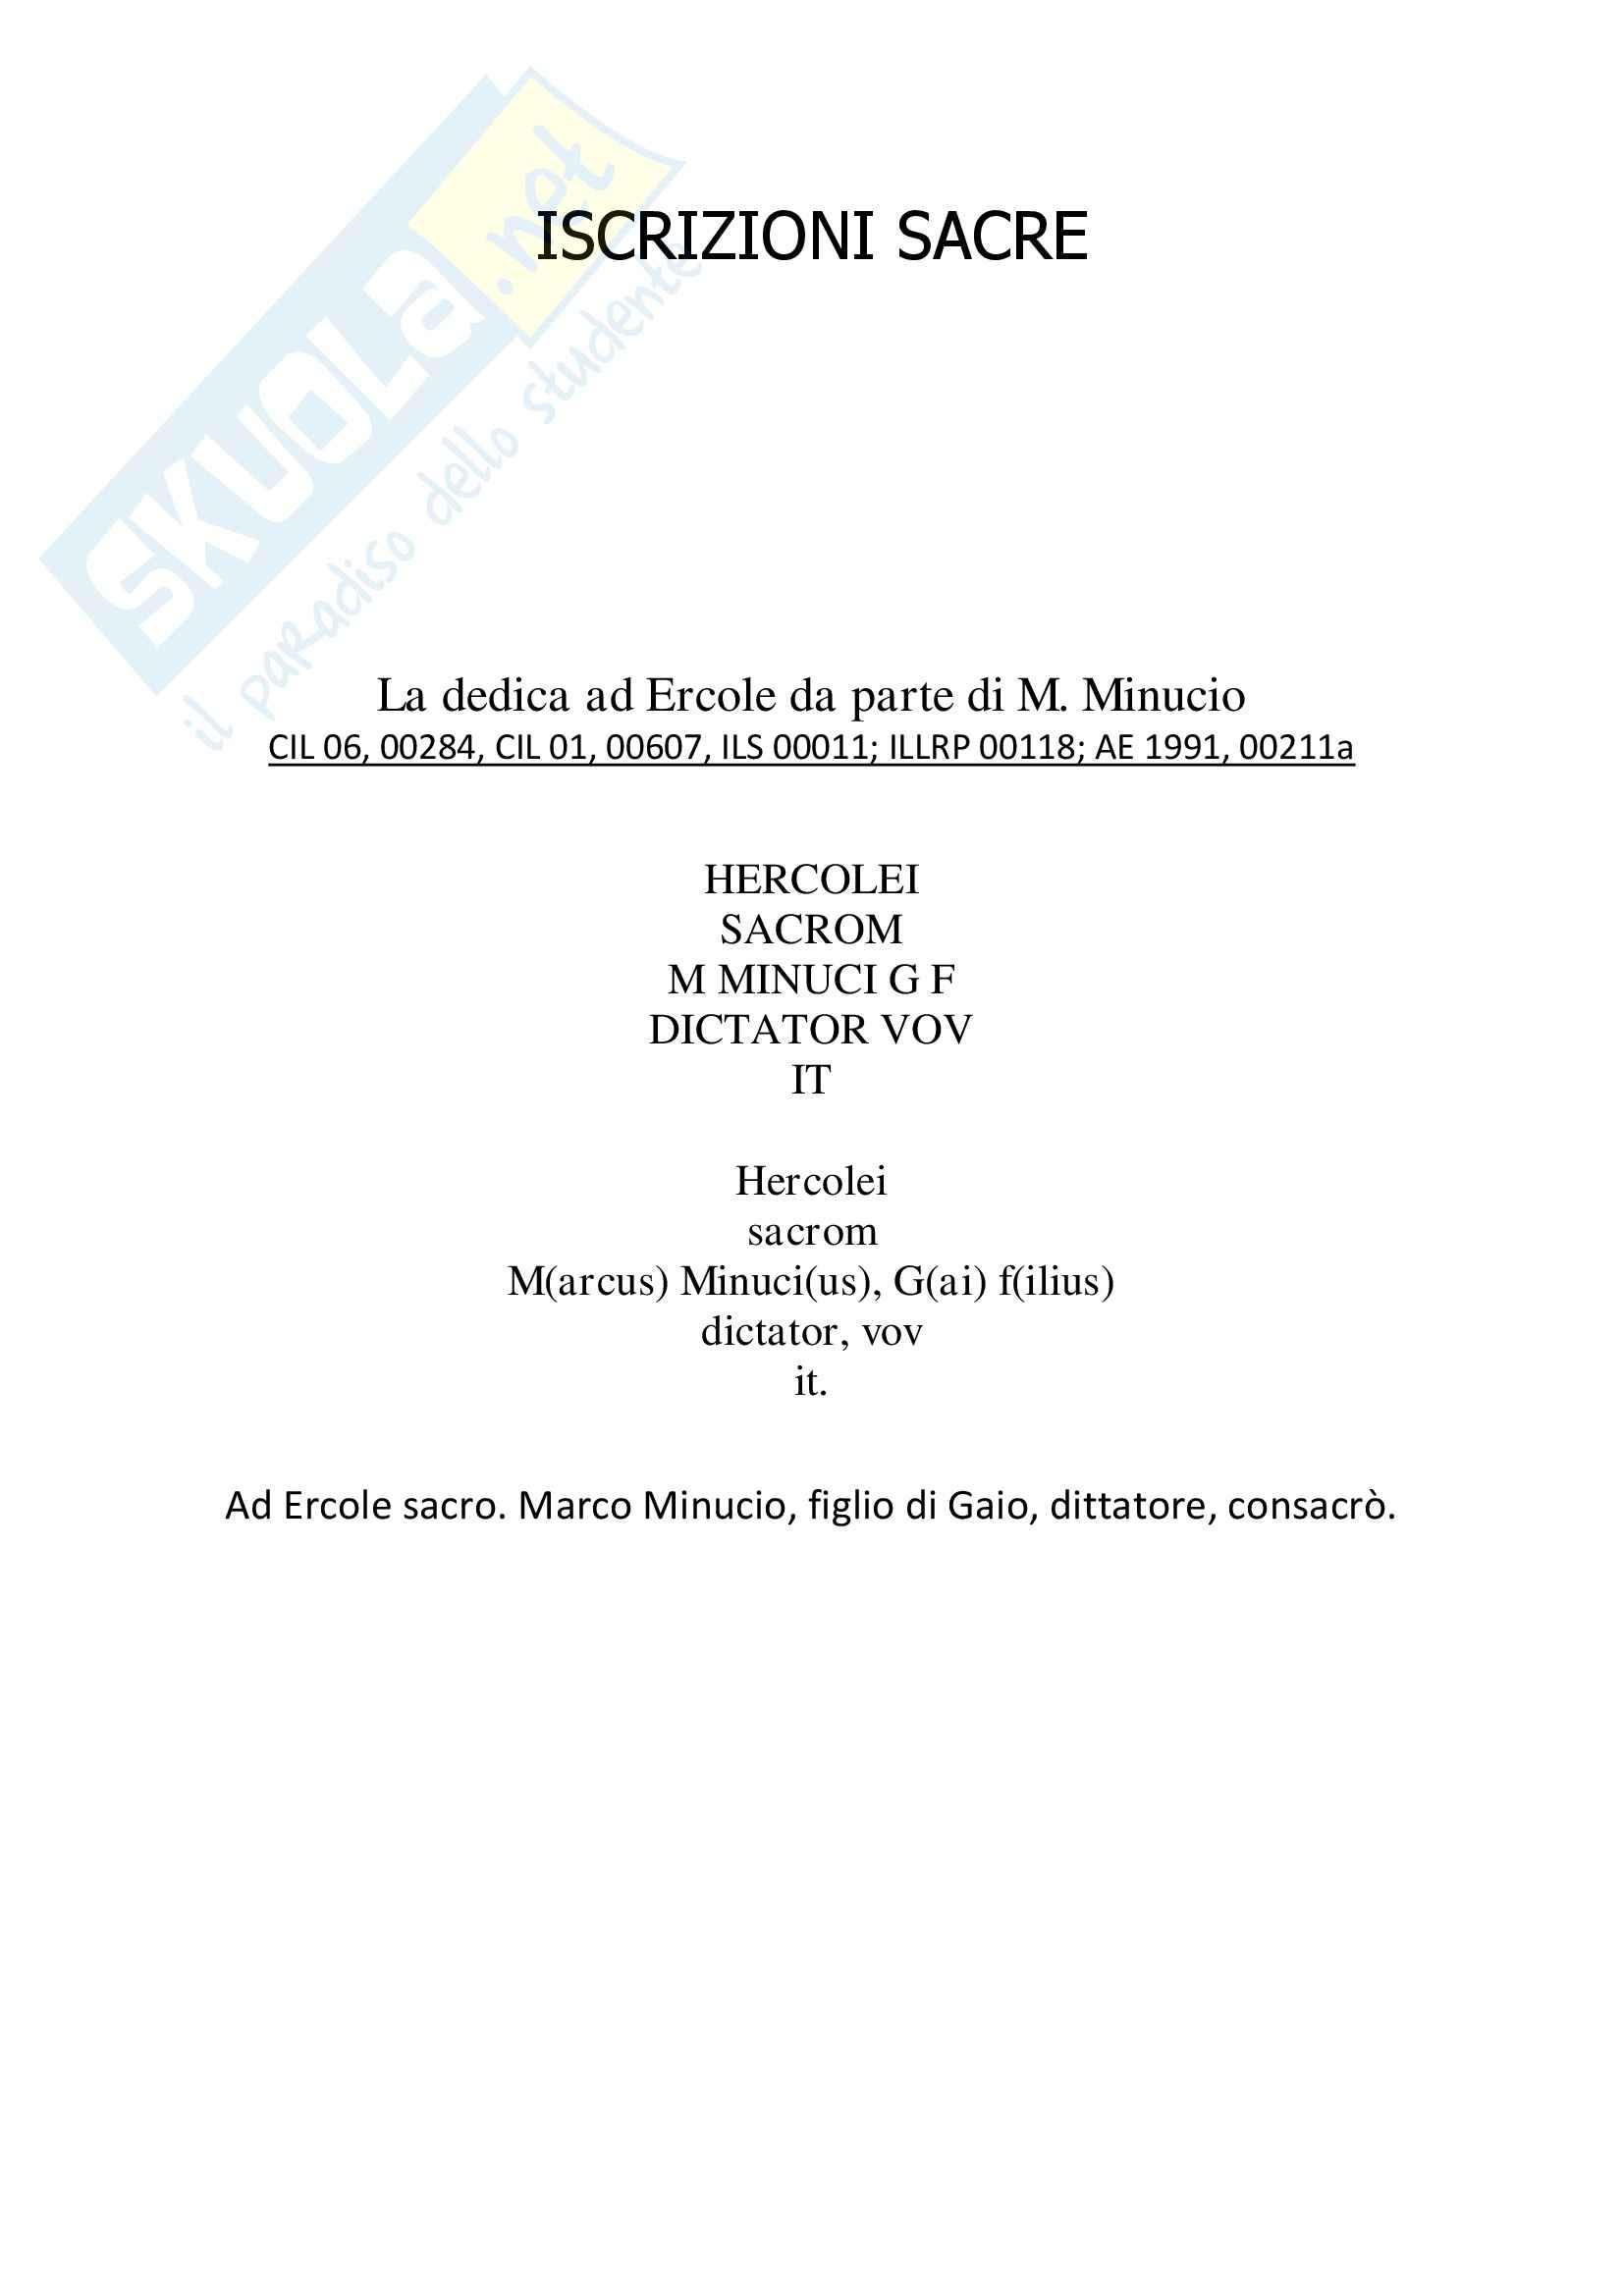 Storia romana - Epigrafi latine Pag. 2